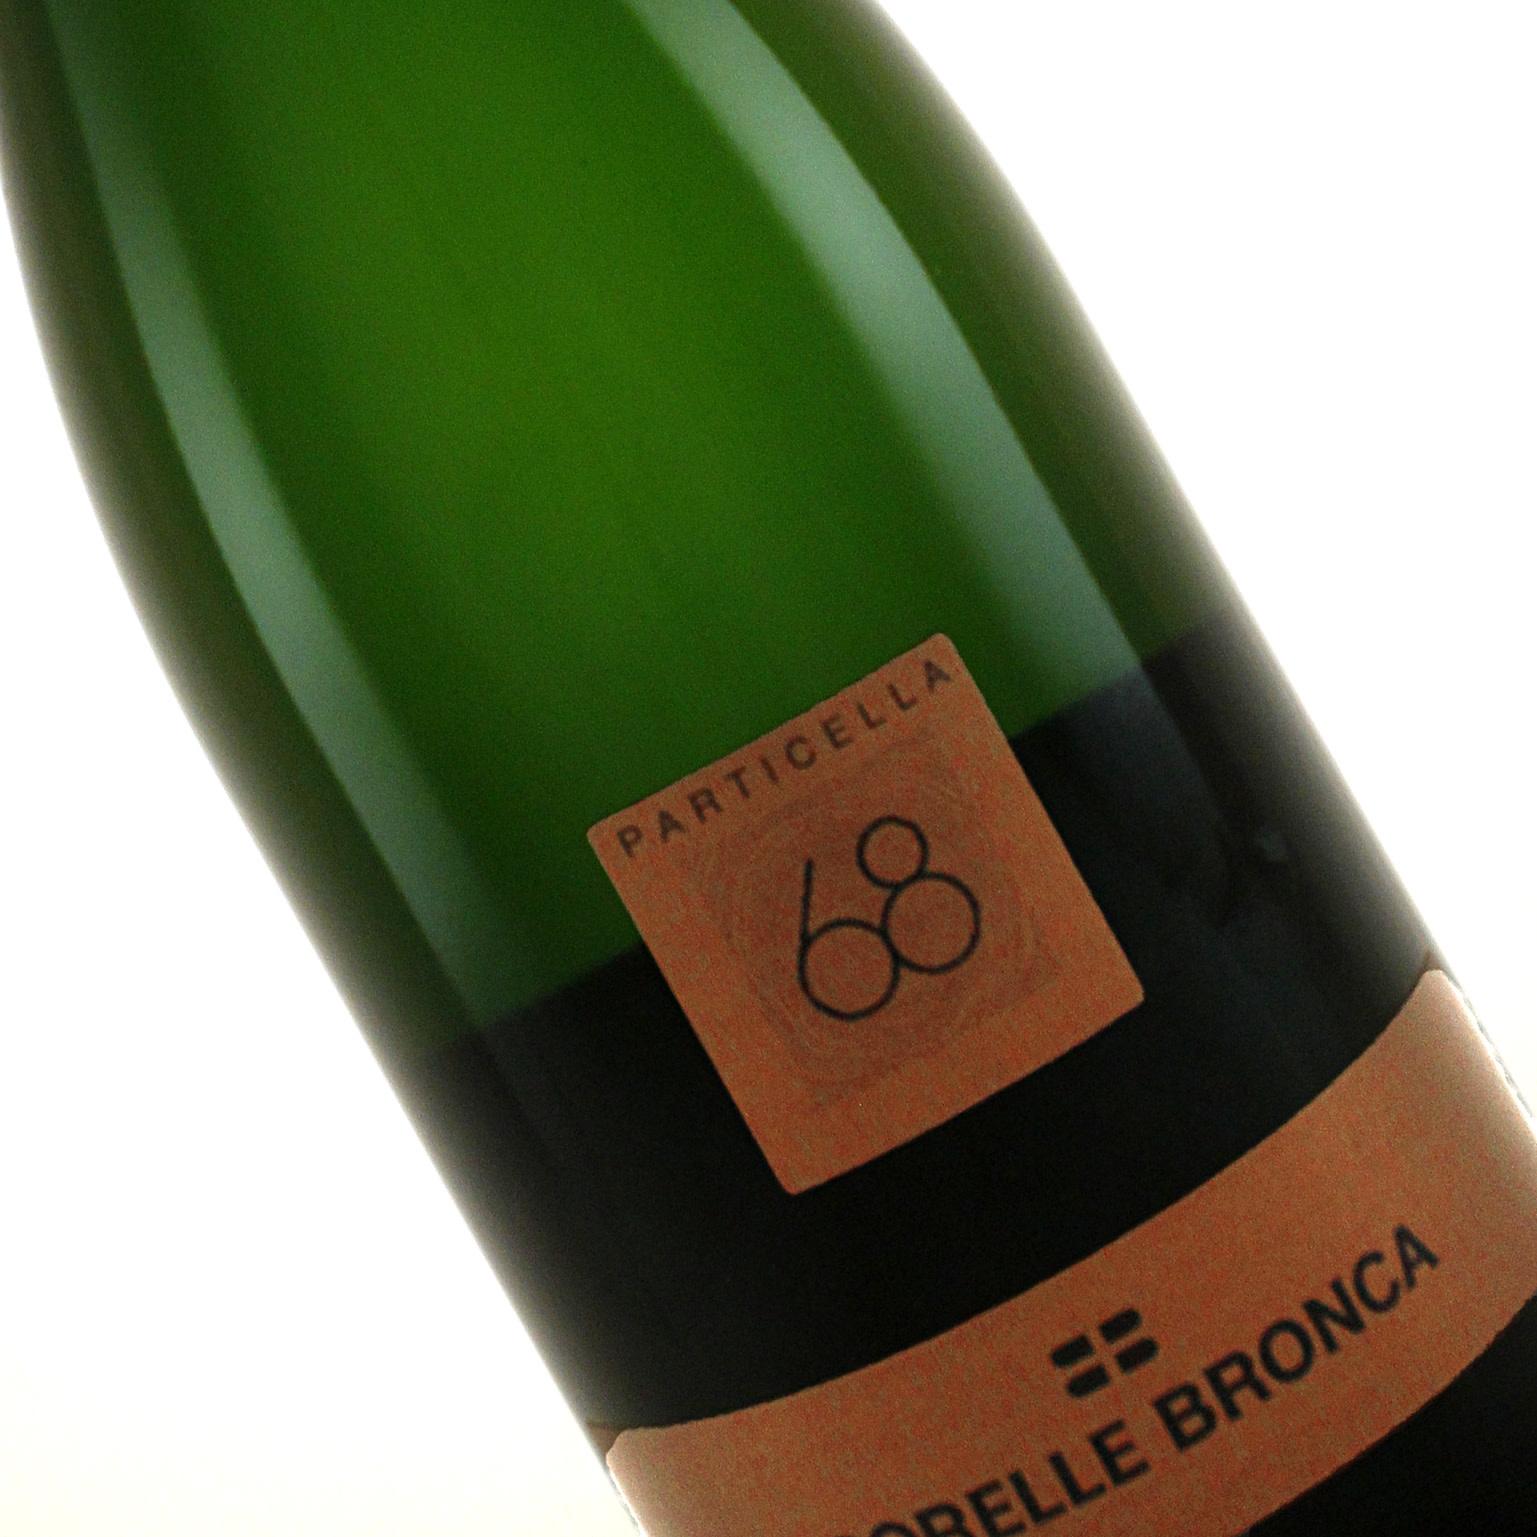 """Sorelle Bronca """"Particella 68"""" Prosecco Superiore Brut, Veneto Italy"""